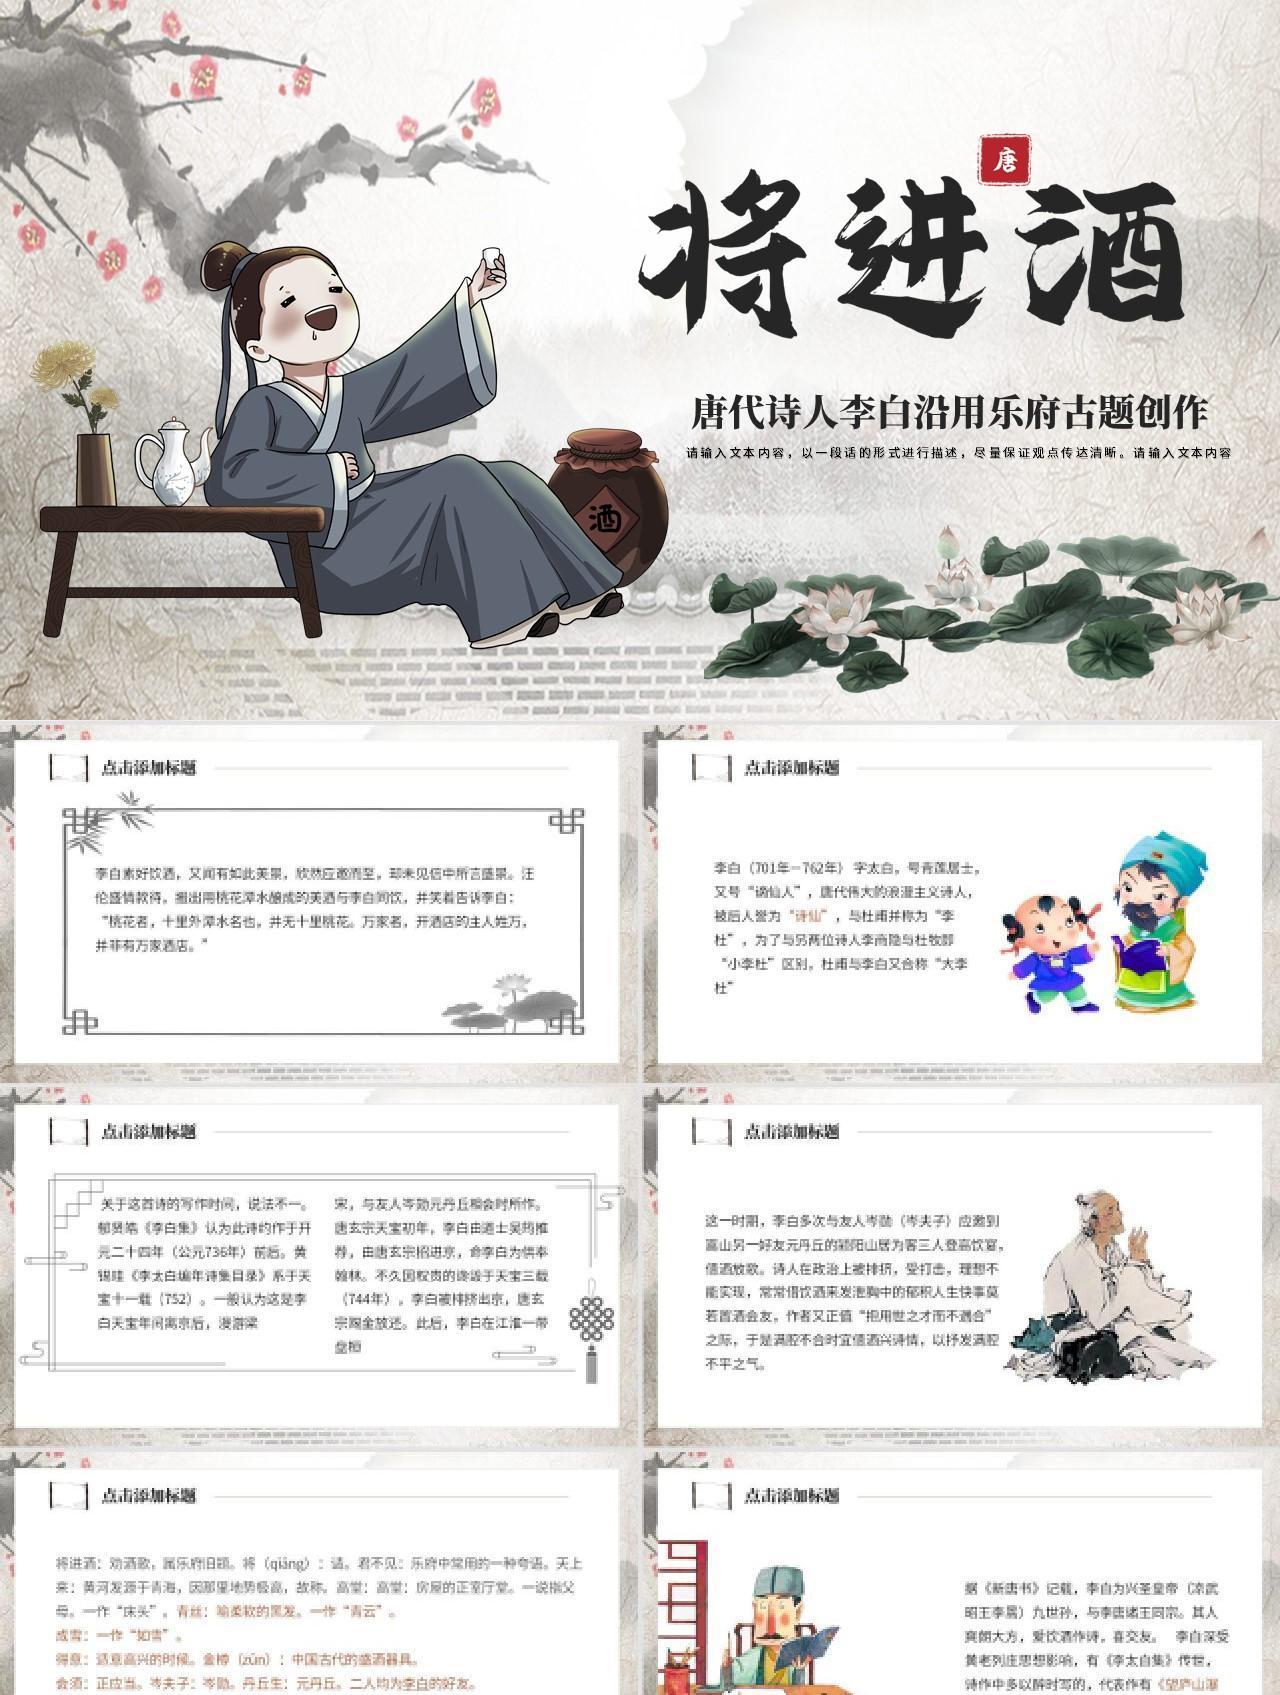 黄棕色水墨风将进酒中国风语文公开课教学课件PPT模板